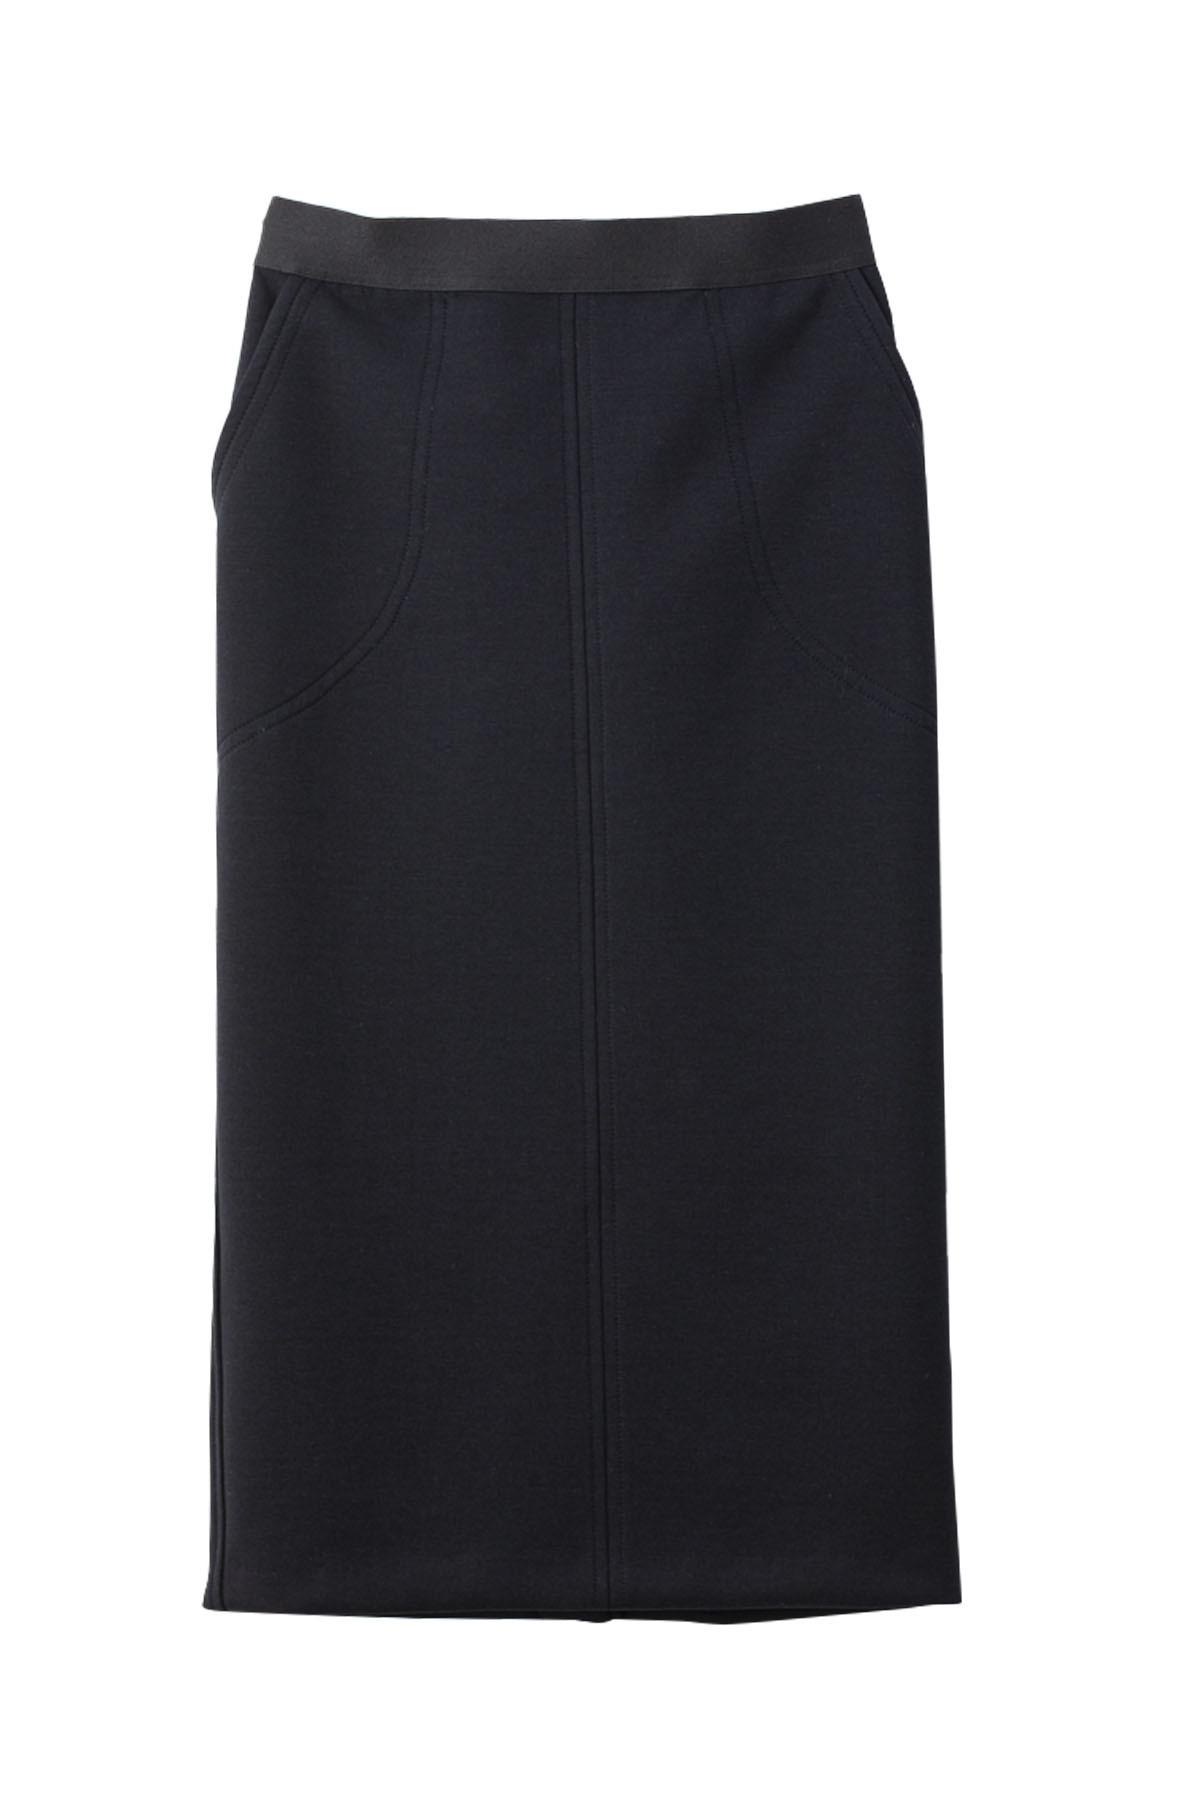 ポンチタイトスカート < ブラック > #